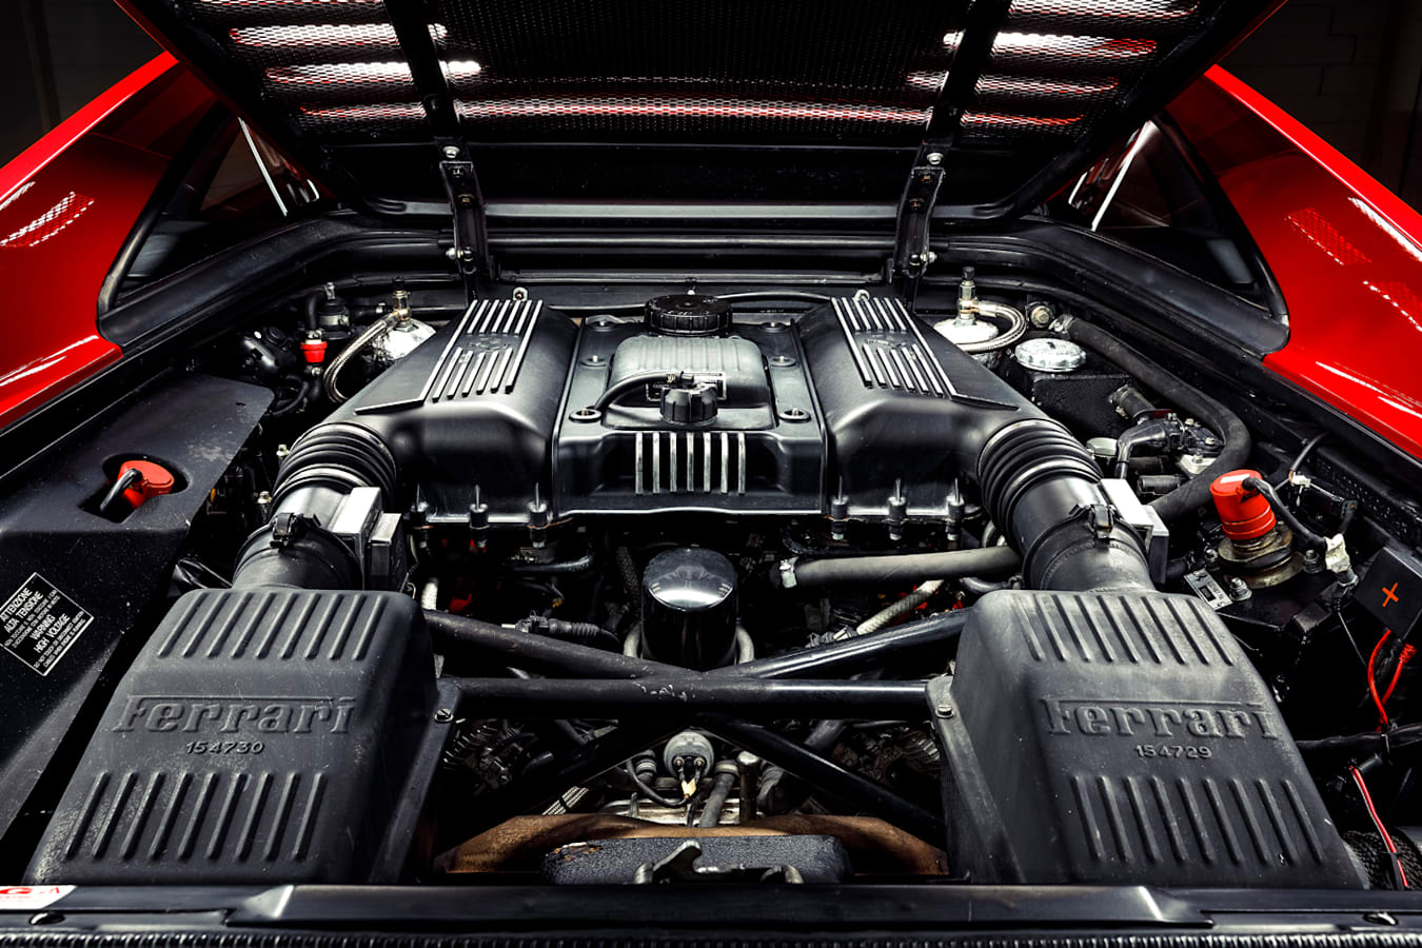 Ferrari F355 V8